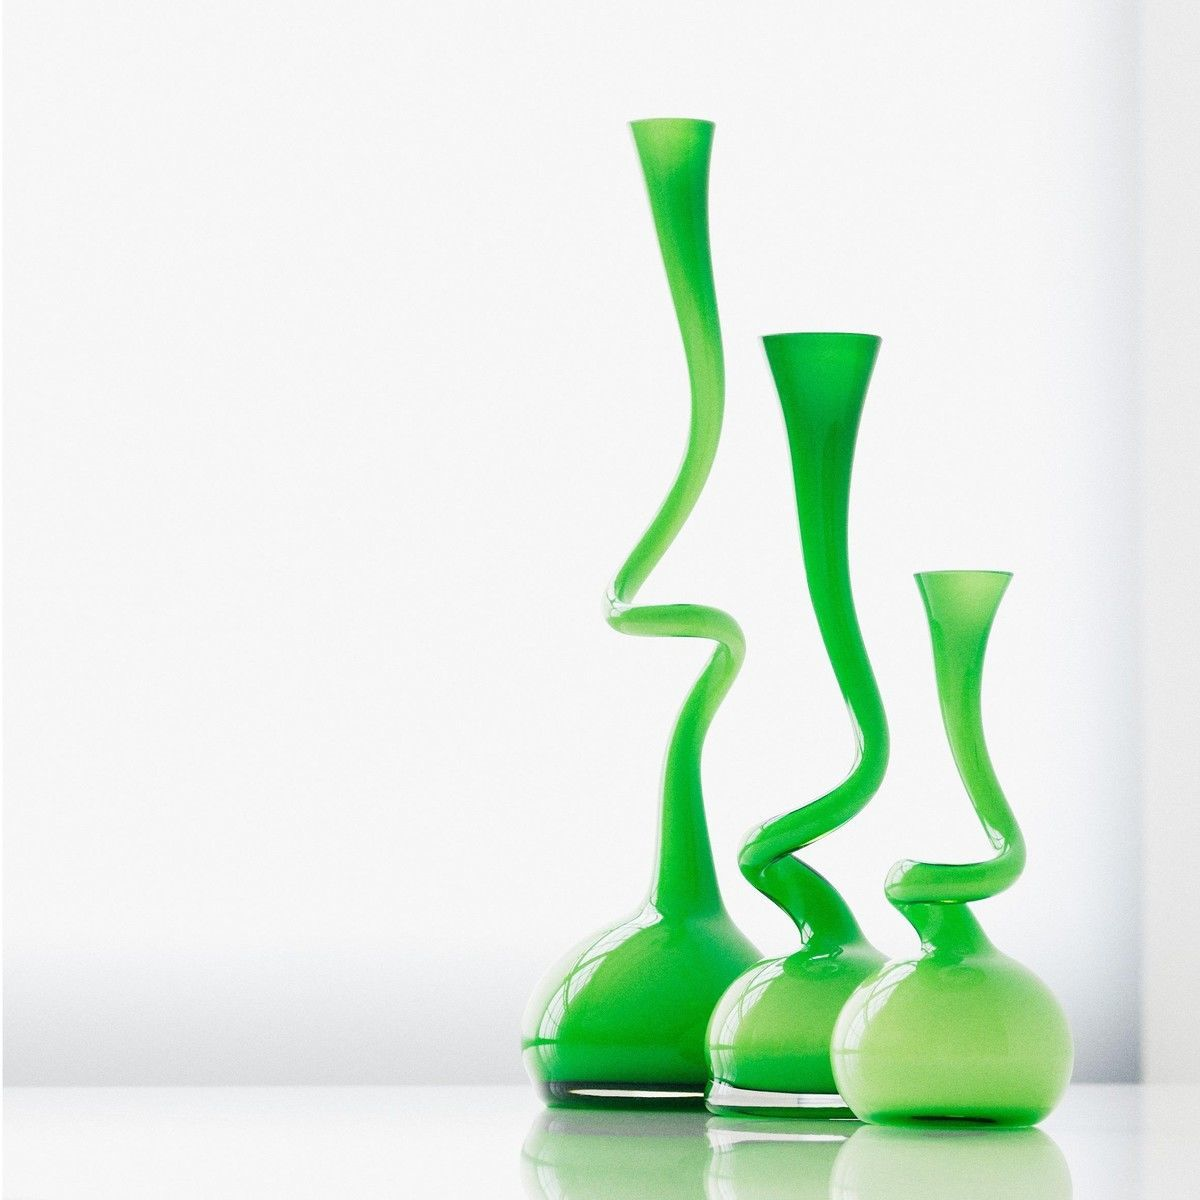 Swing vase 20cm normann copenhagen - Normann copenhagen swing vase ...